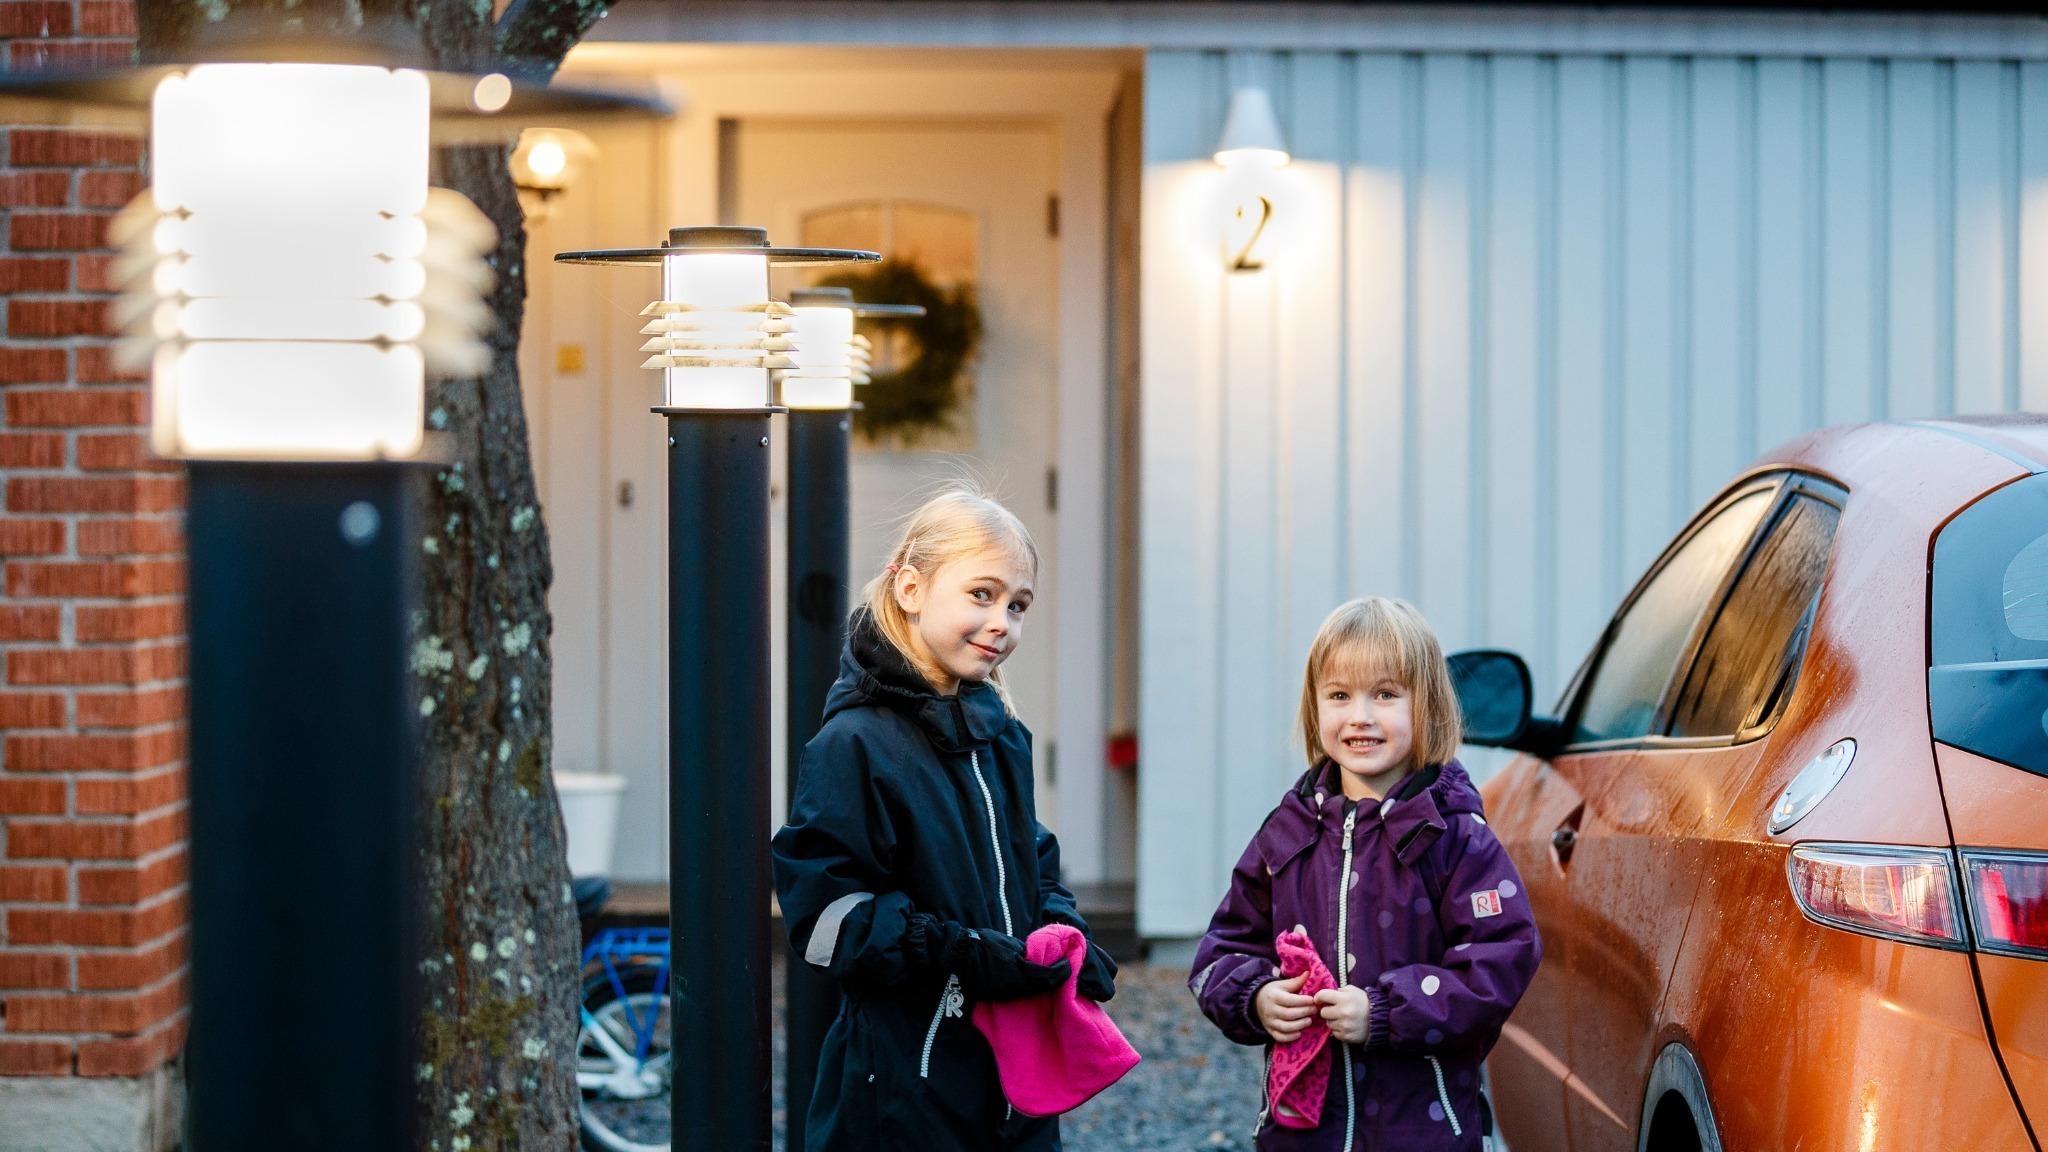 Två flickor står på uppfart framför hus. Till höger om dem står en bil.